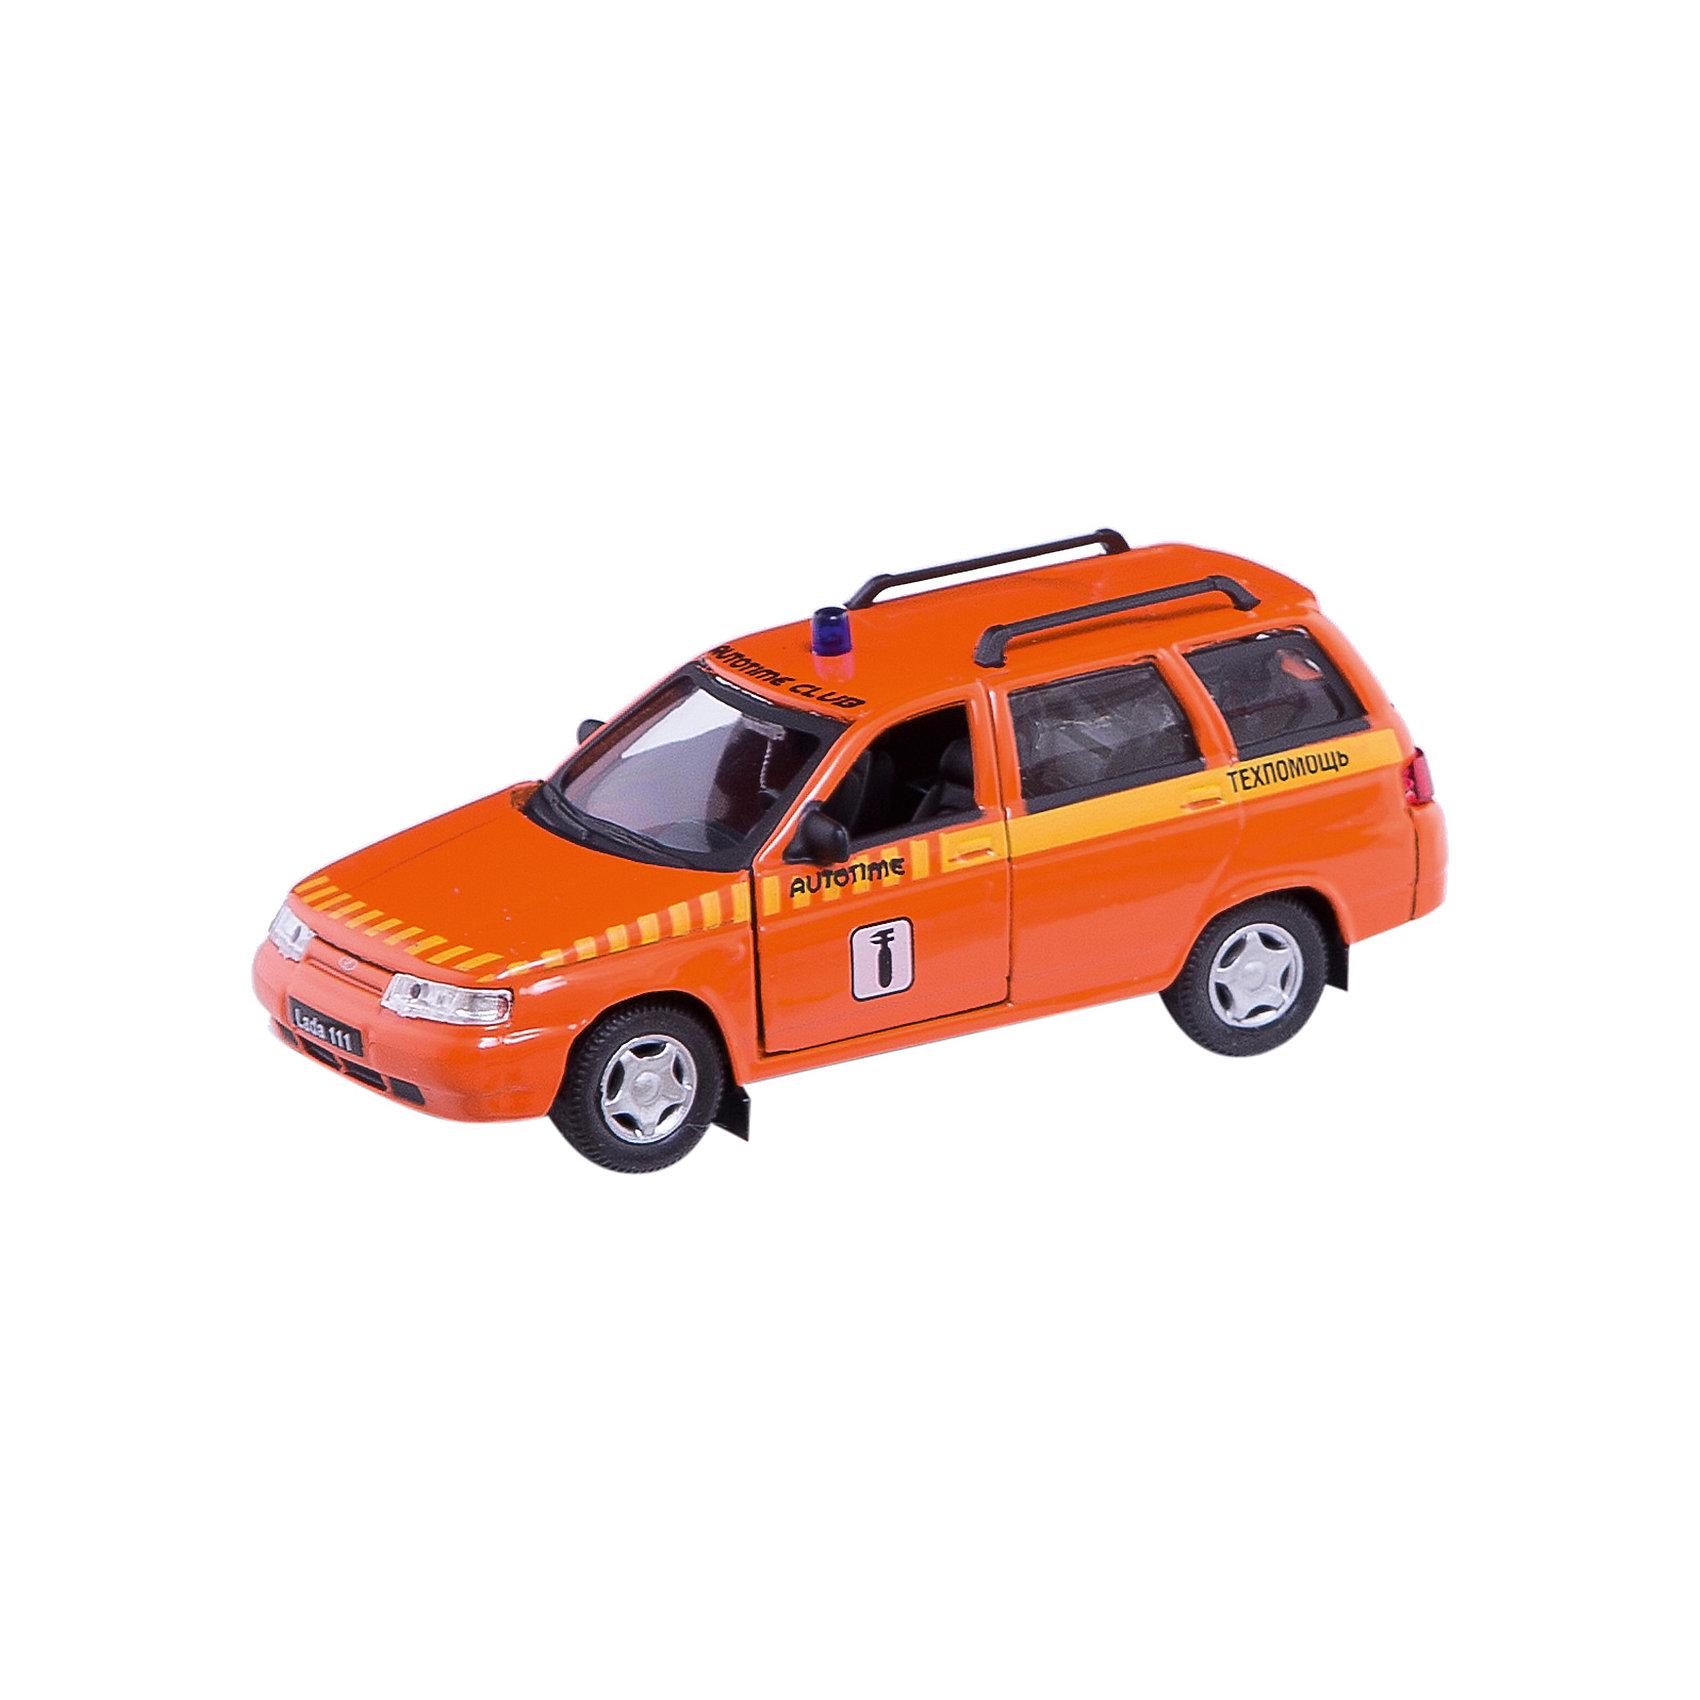 Машинка Lada 111 техпомощь 1:36, AutotimeМашинки<br>Характеристики товара:<br><br>• цвет: оранжевый<br>• материал: металл, пластик<br>• размер: 16,5х7,х5,7 см<br>• вес: 100 г<br>• масштаб: 1:36<br>• прочный материал<br>• хорошая детализация<br>• открываются двери<br>• страна бренда: Россия<br>• страна производства: Китай<br><br>Коллекционная машинка LADA 111 техпомощь от бренда AUTOTIME станет отличным подарком для мальчика. Подробная детализация машинки порадует увлеченного коллекционера, а открывающиеся двери и свободно вращающиеся колеса придутся по душе юному владельцу игрушечного гаража. Эта игрушка подарит восторг и радость вашему ребенку. <br><br>Игрушка также воздействует на наглядно-образное мышление, логическое мышление, развивает мелкую моторику. Изделие выполнено из сертифицированных материалов, безопасных для детей.<br><br>Машинку «Lada 111» техпомощь от бренда AUTOTIME можно купить в нашем интернет-магазине.<br><br>Ширина мм: 165<br>Глубина мм: 57<br>Высота мм: 75<br>Вес г: 13<br>Возраст от месяцев: 36<br>Возраст до месяцев: 2147483647<br>Пол: Мужской<br>Возраст: Детский<br>SKU: 5583921